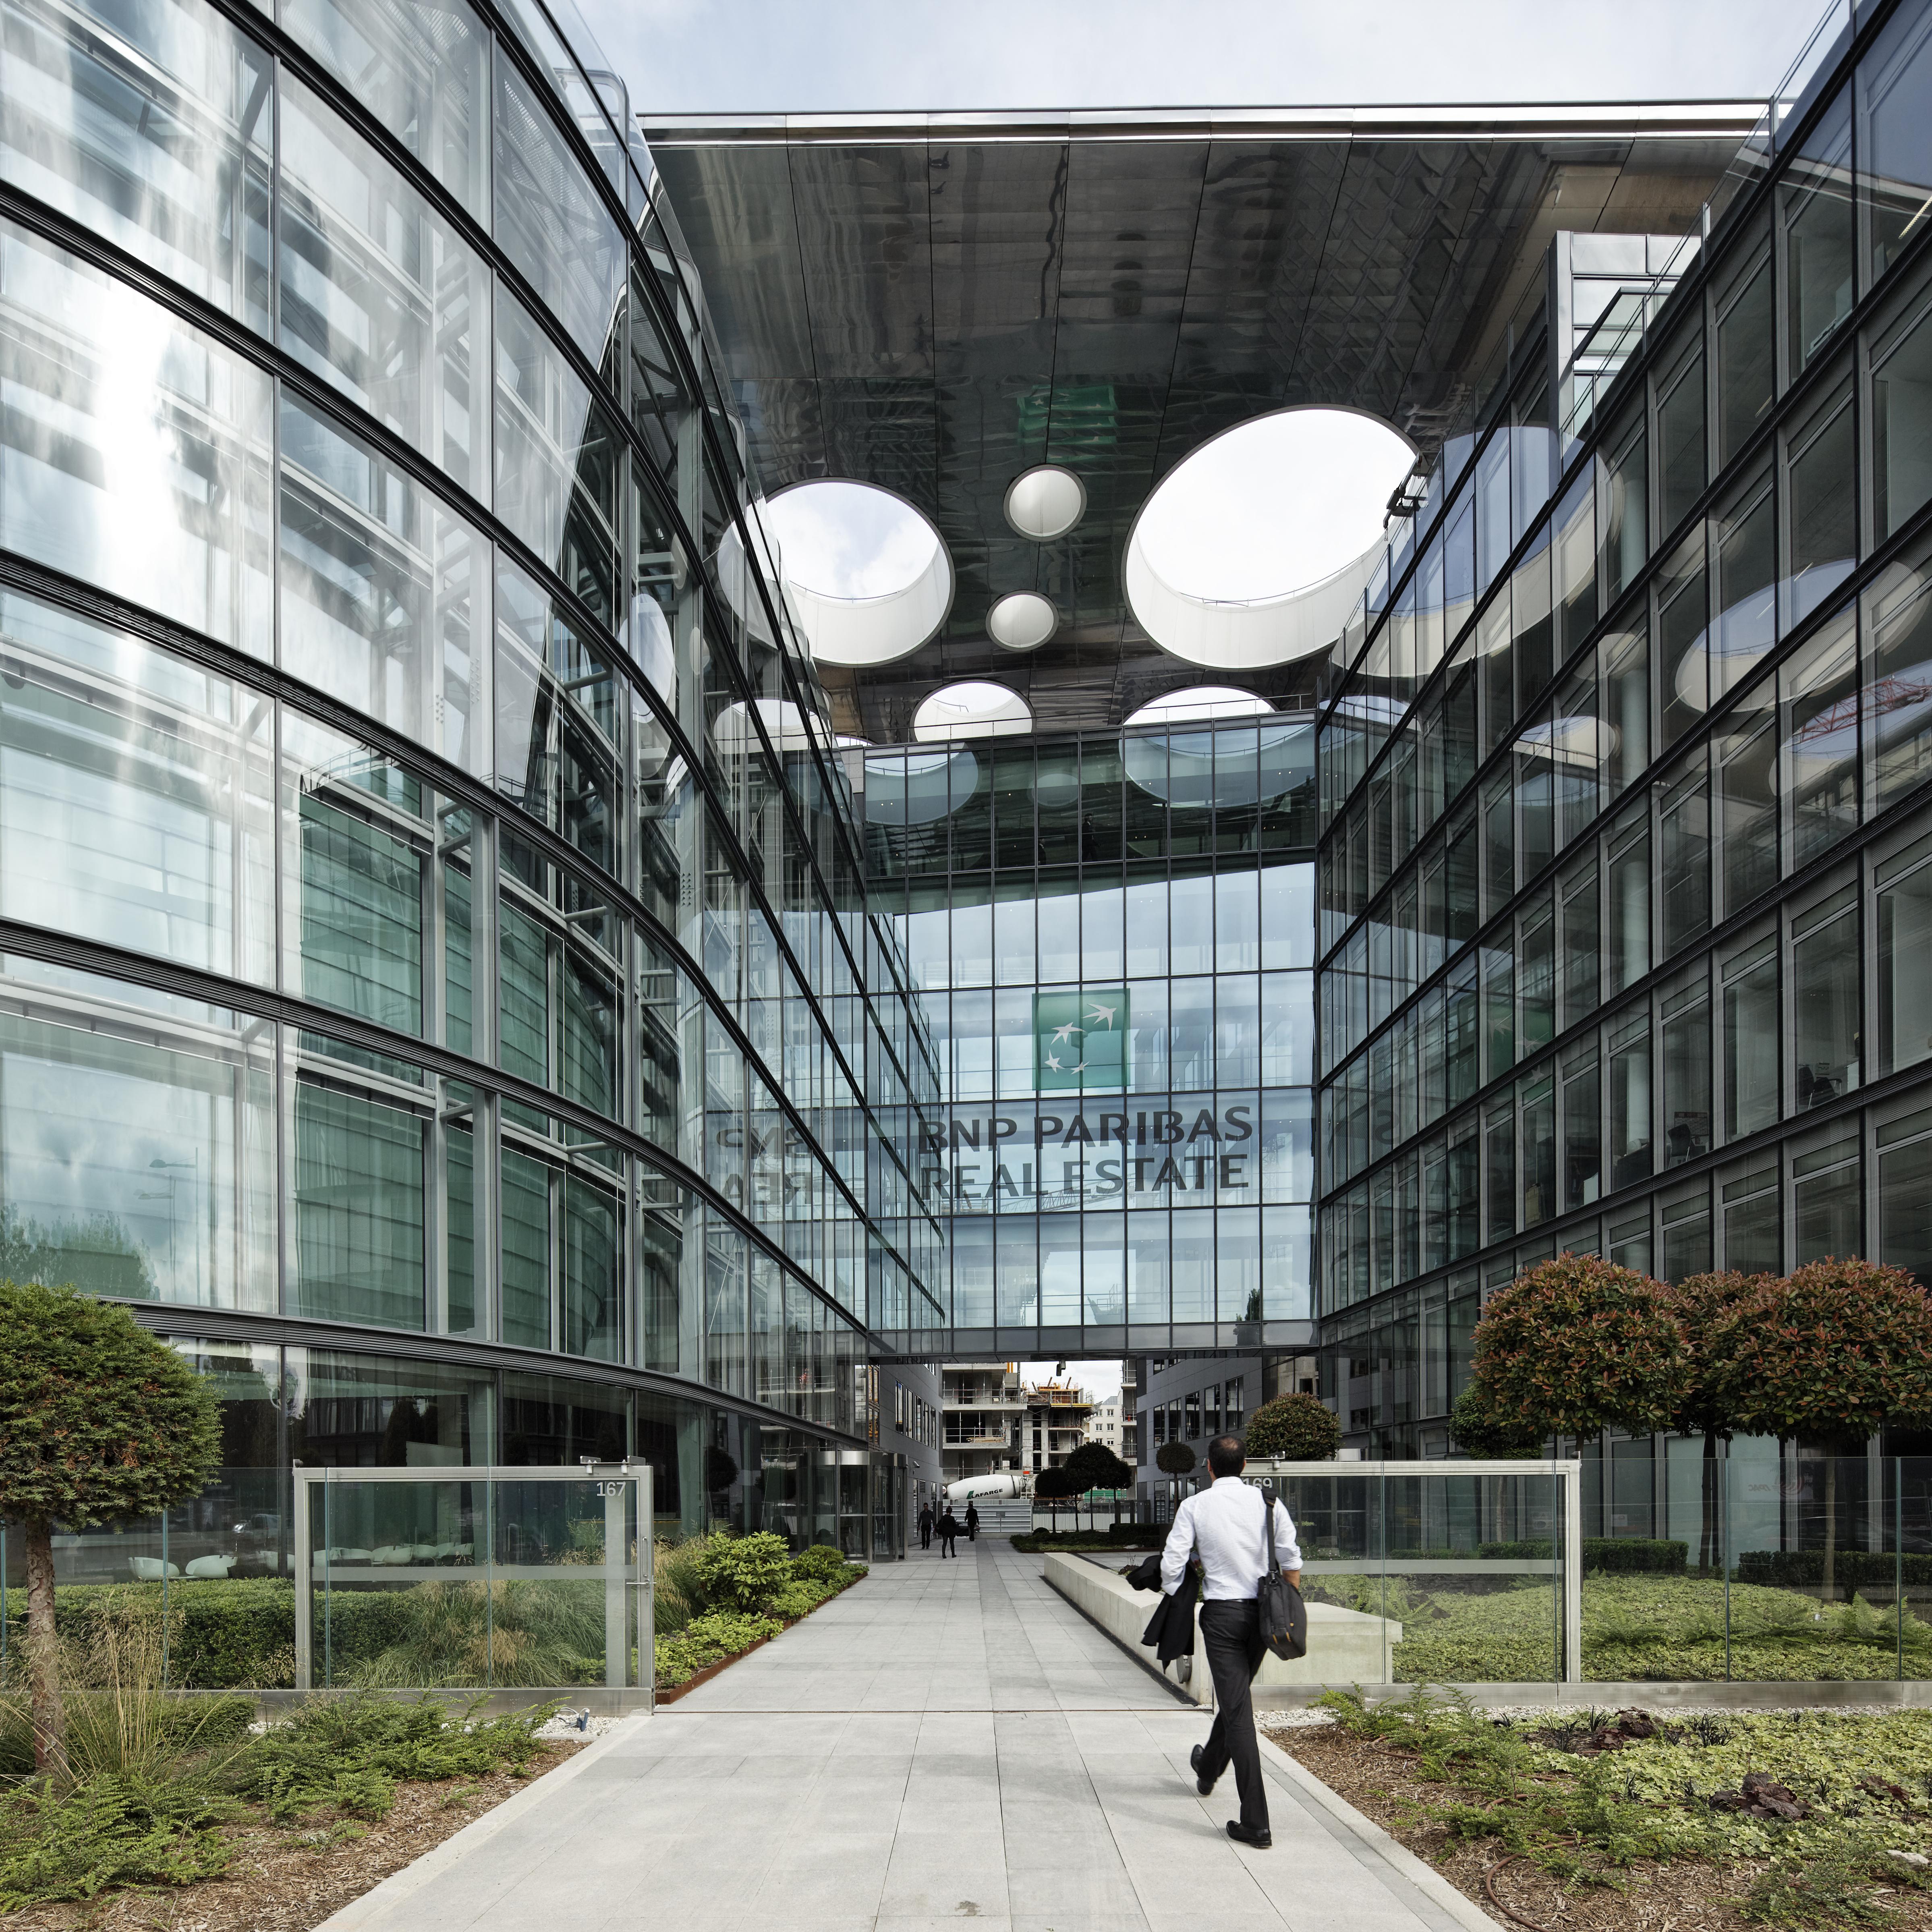 BNP Paribas Real Estate LOGISTIQUE - Image